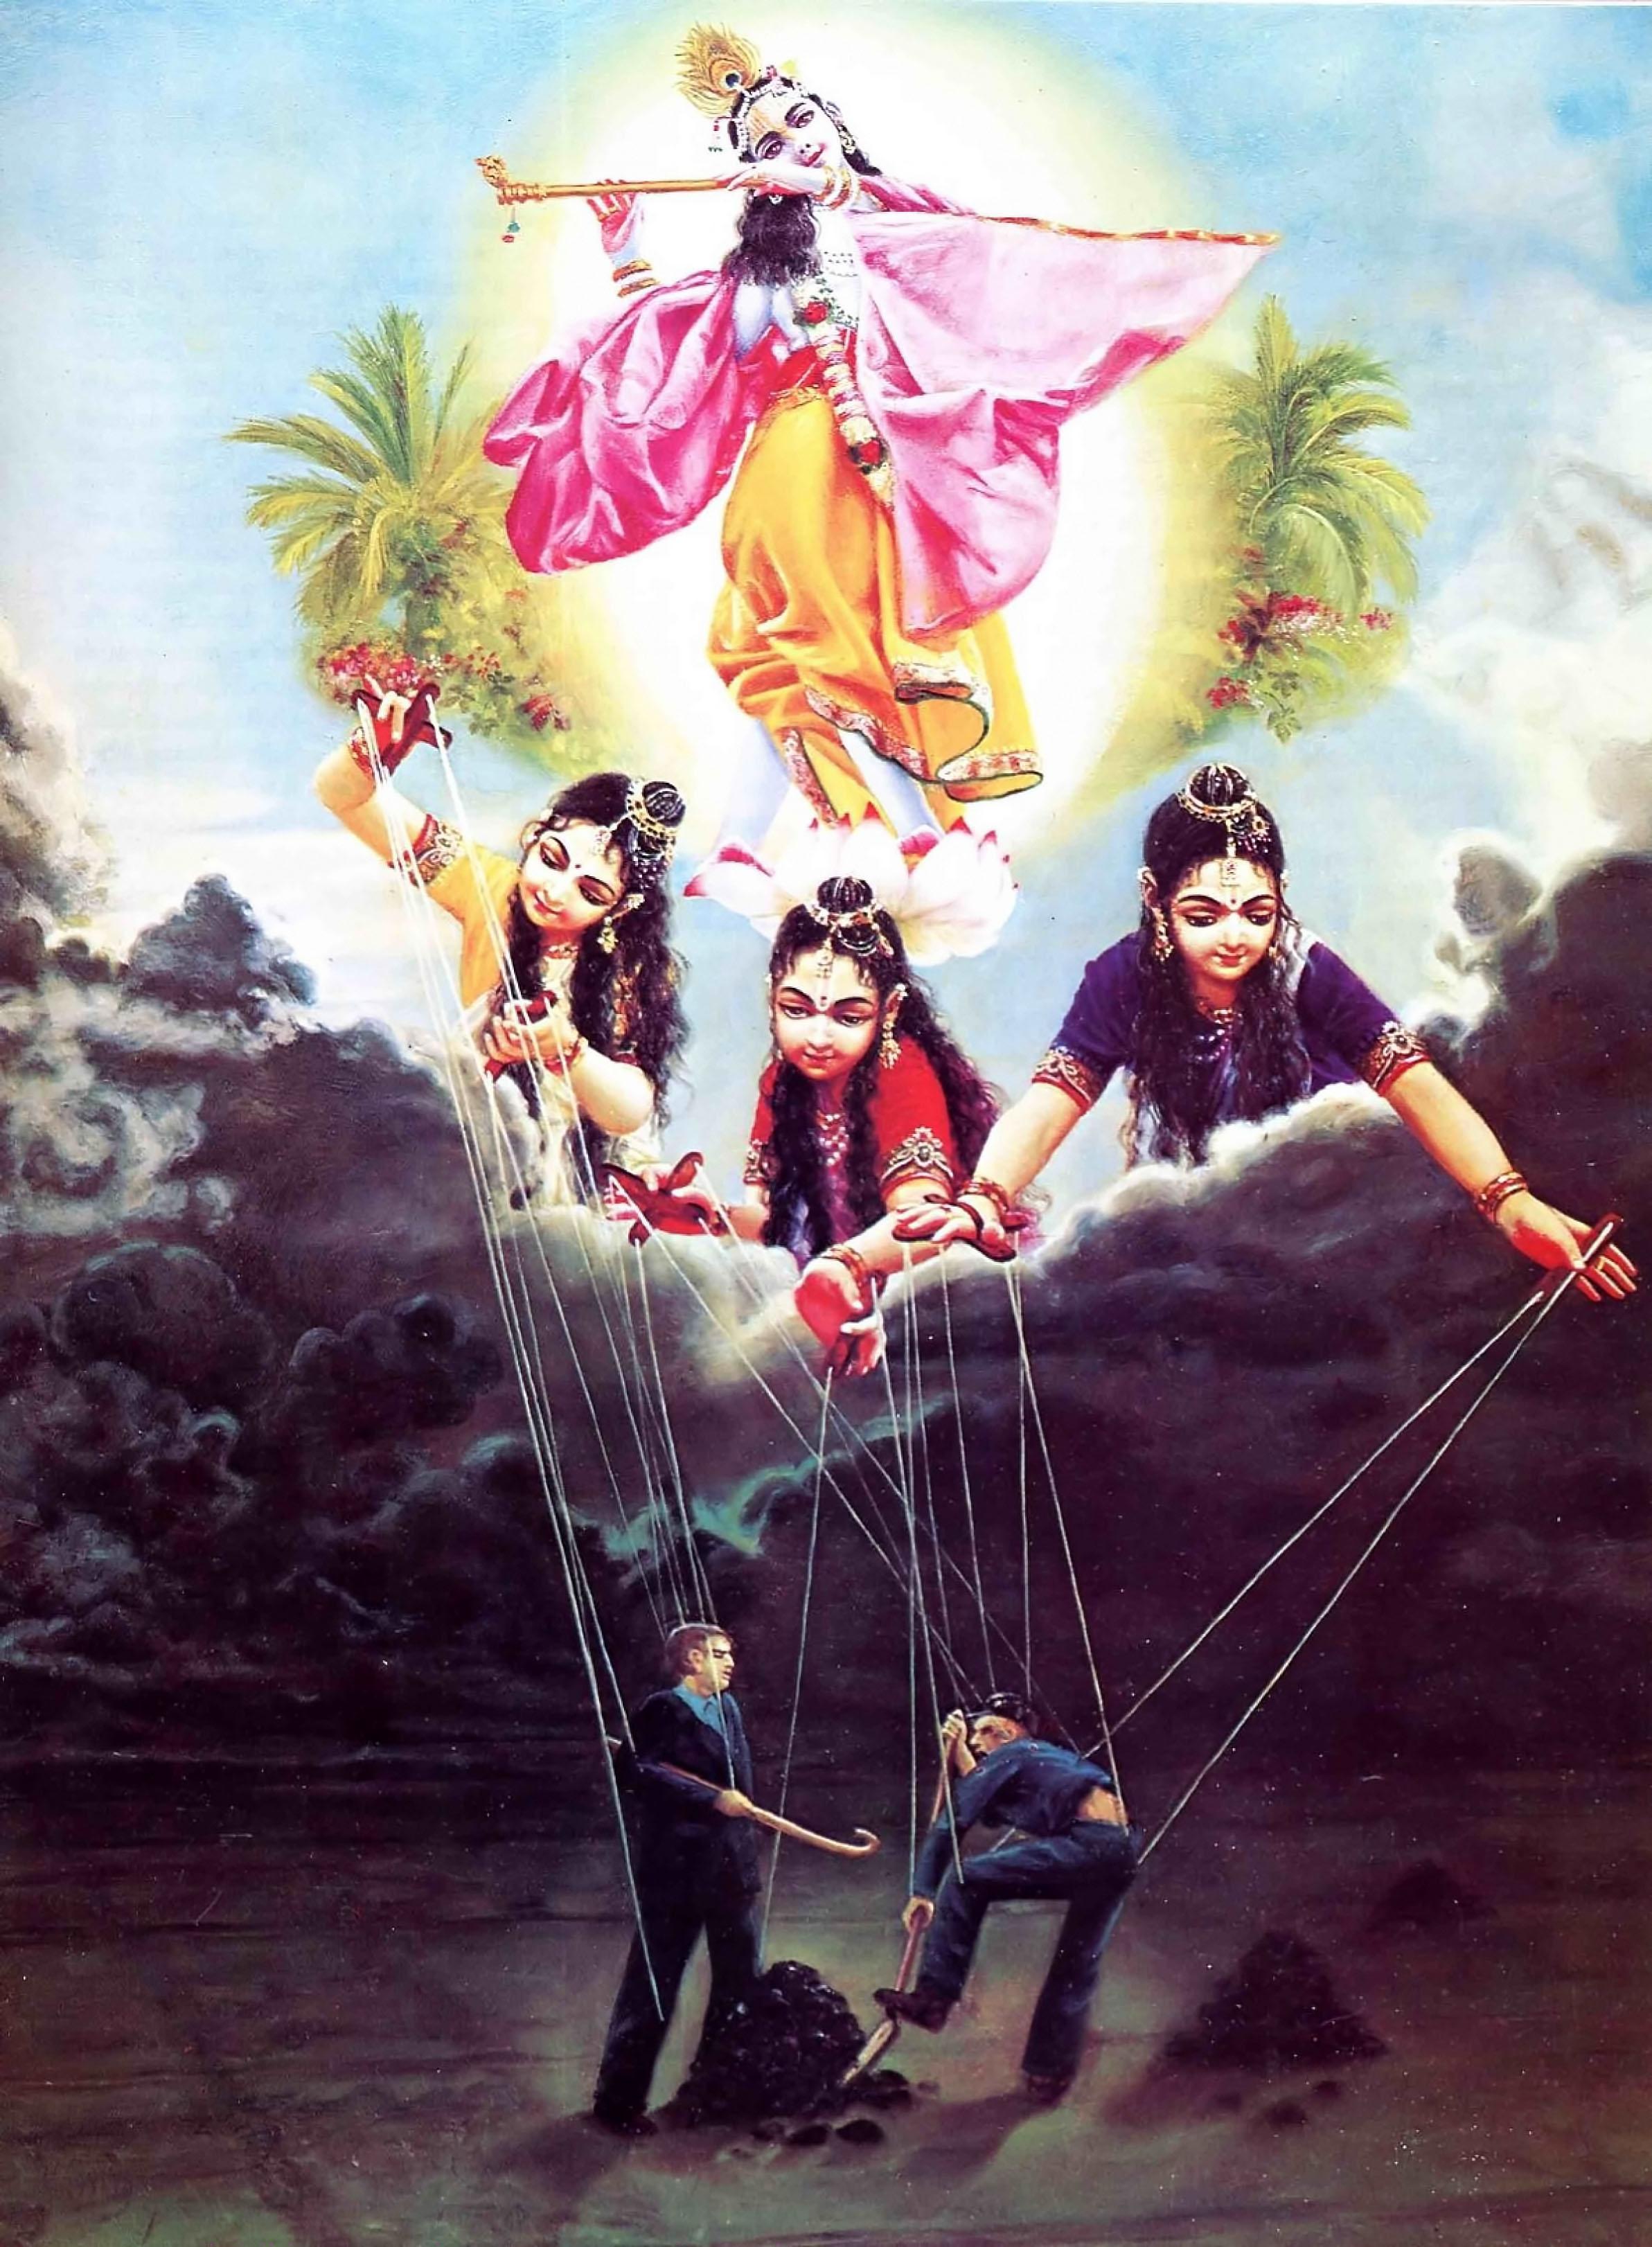 Три гуны-три качества сознания и материи